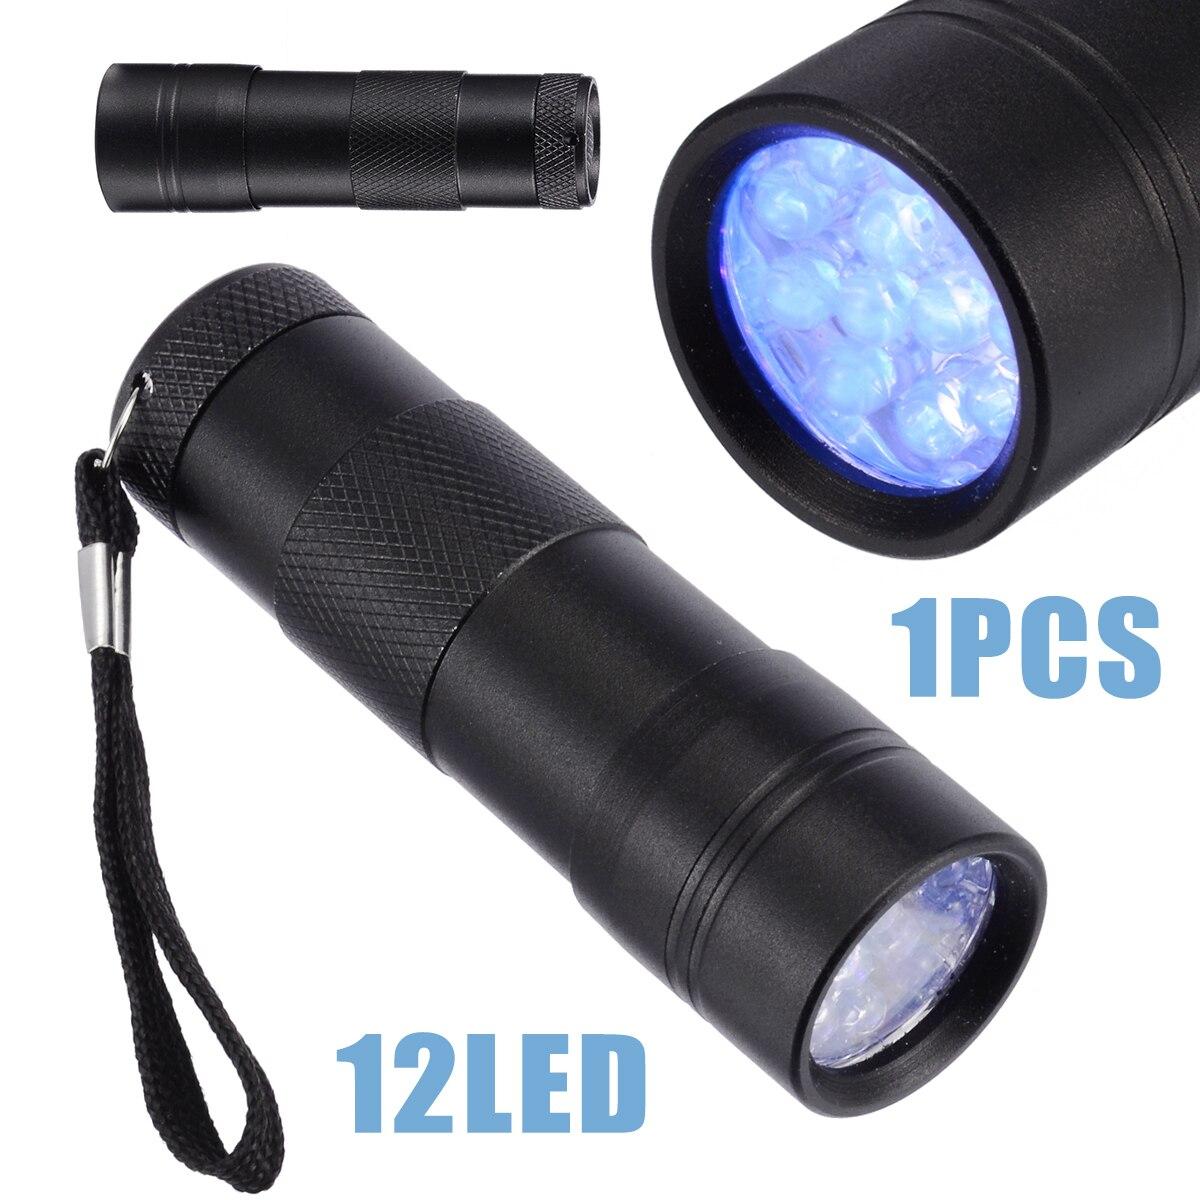 الأشعة فوق البنفسجية هلام علاج ضوء أسود ضوء المهنية 12 LED الأشعة فوق البنفسجية مصباح يدوي 39nm الشعلة للأشعة فوق البنفسجية الراتنج الحرفية البط...